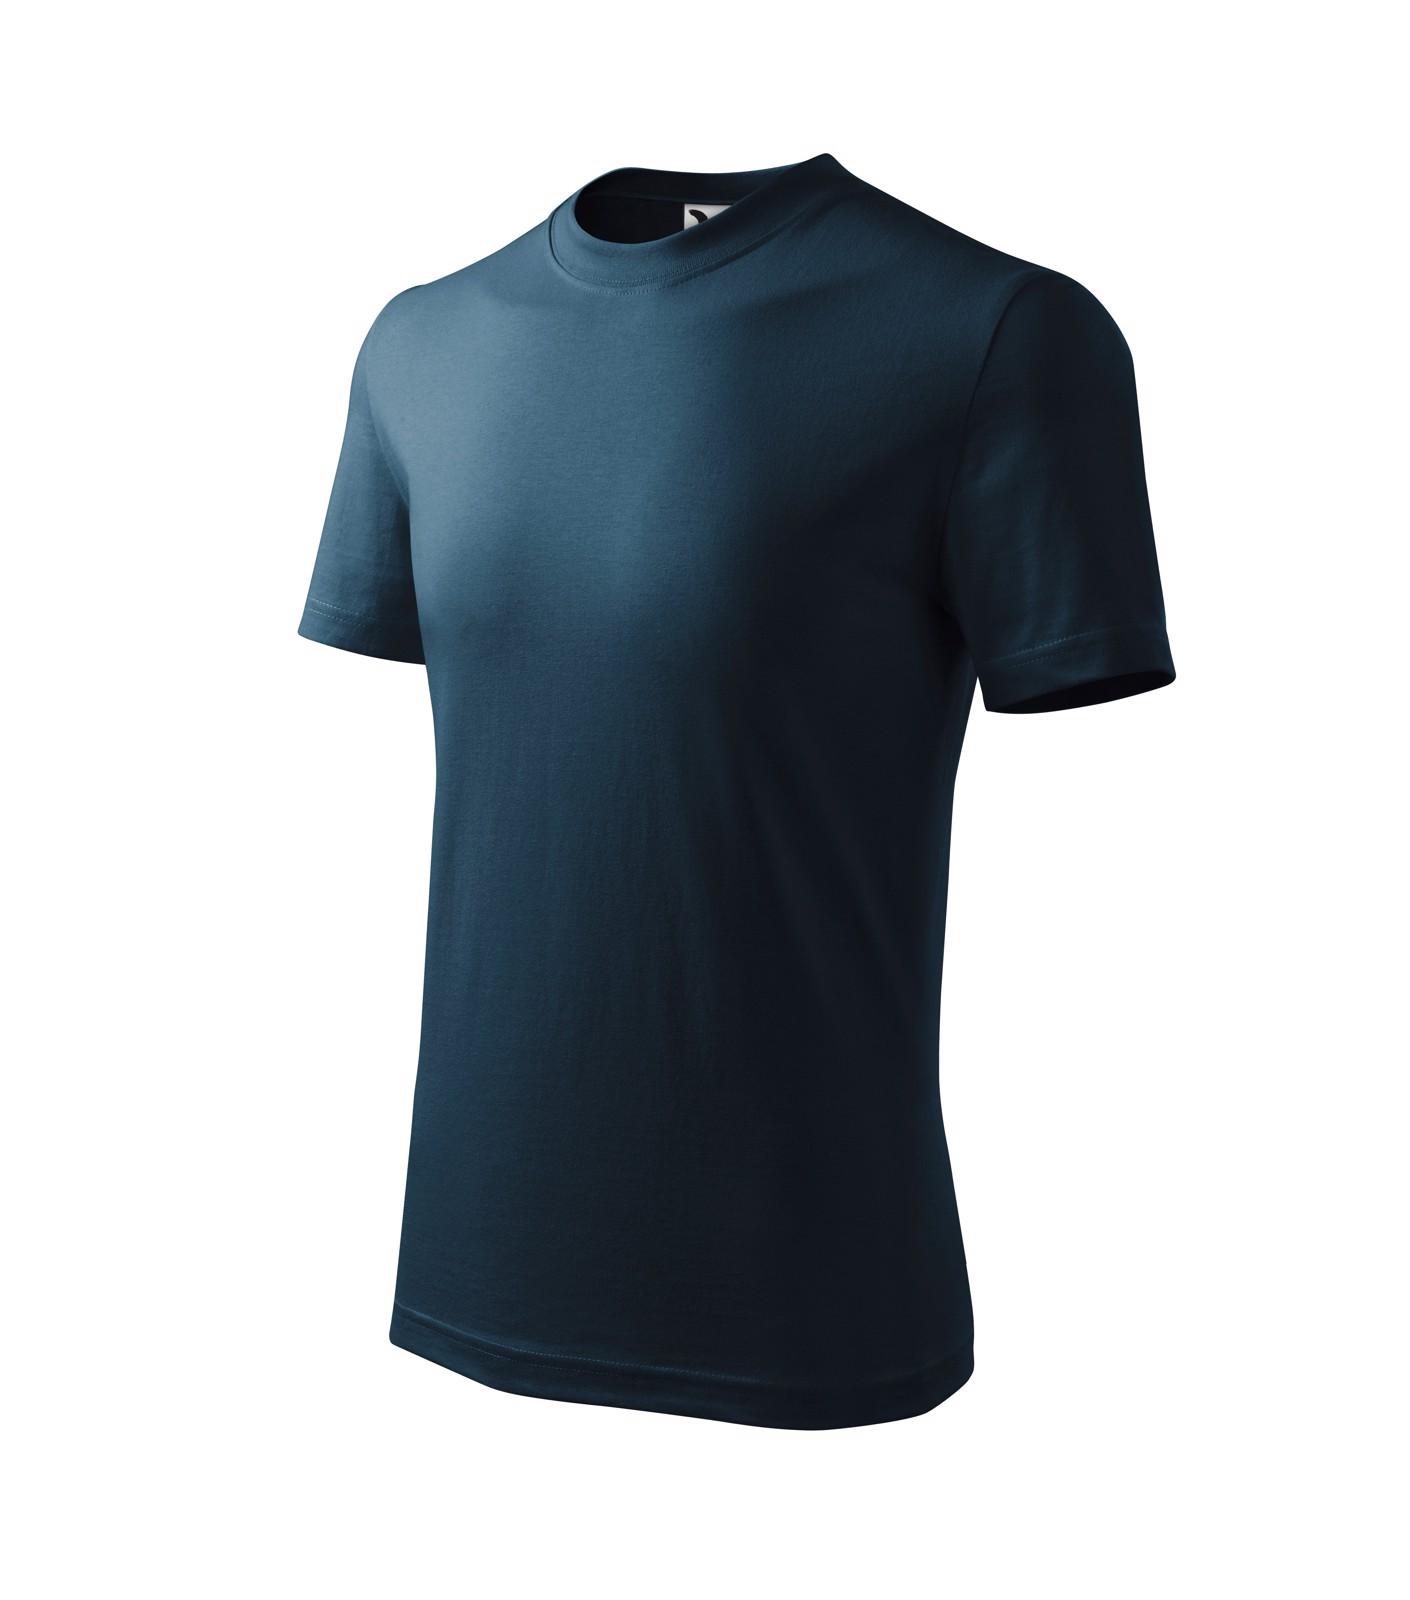 T-shirt Kids Malfini Classic - Navy Blue / 6 years